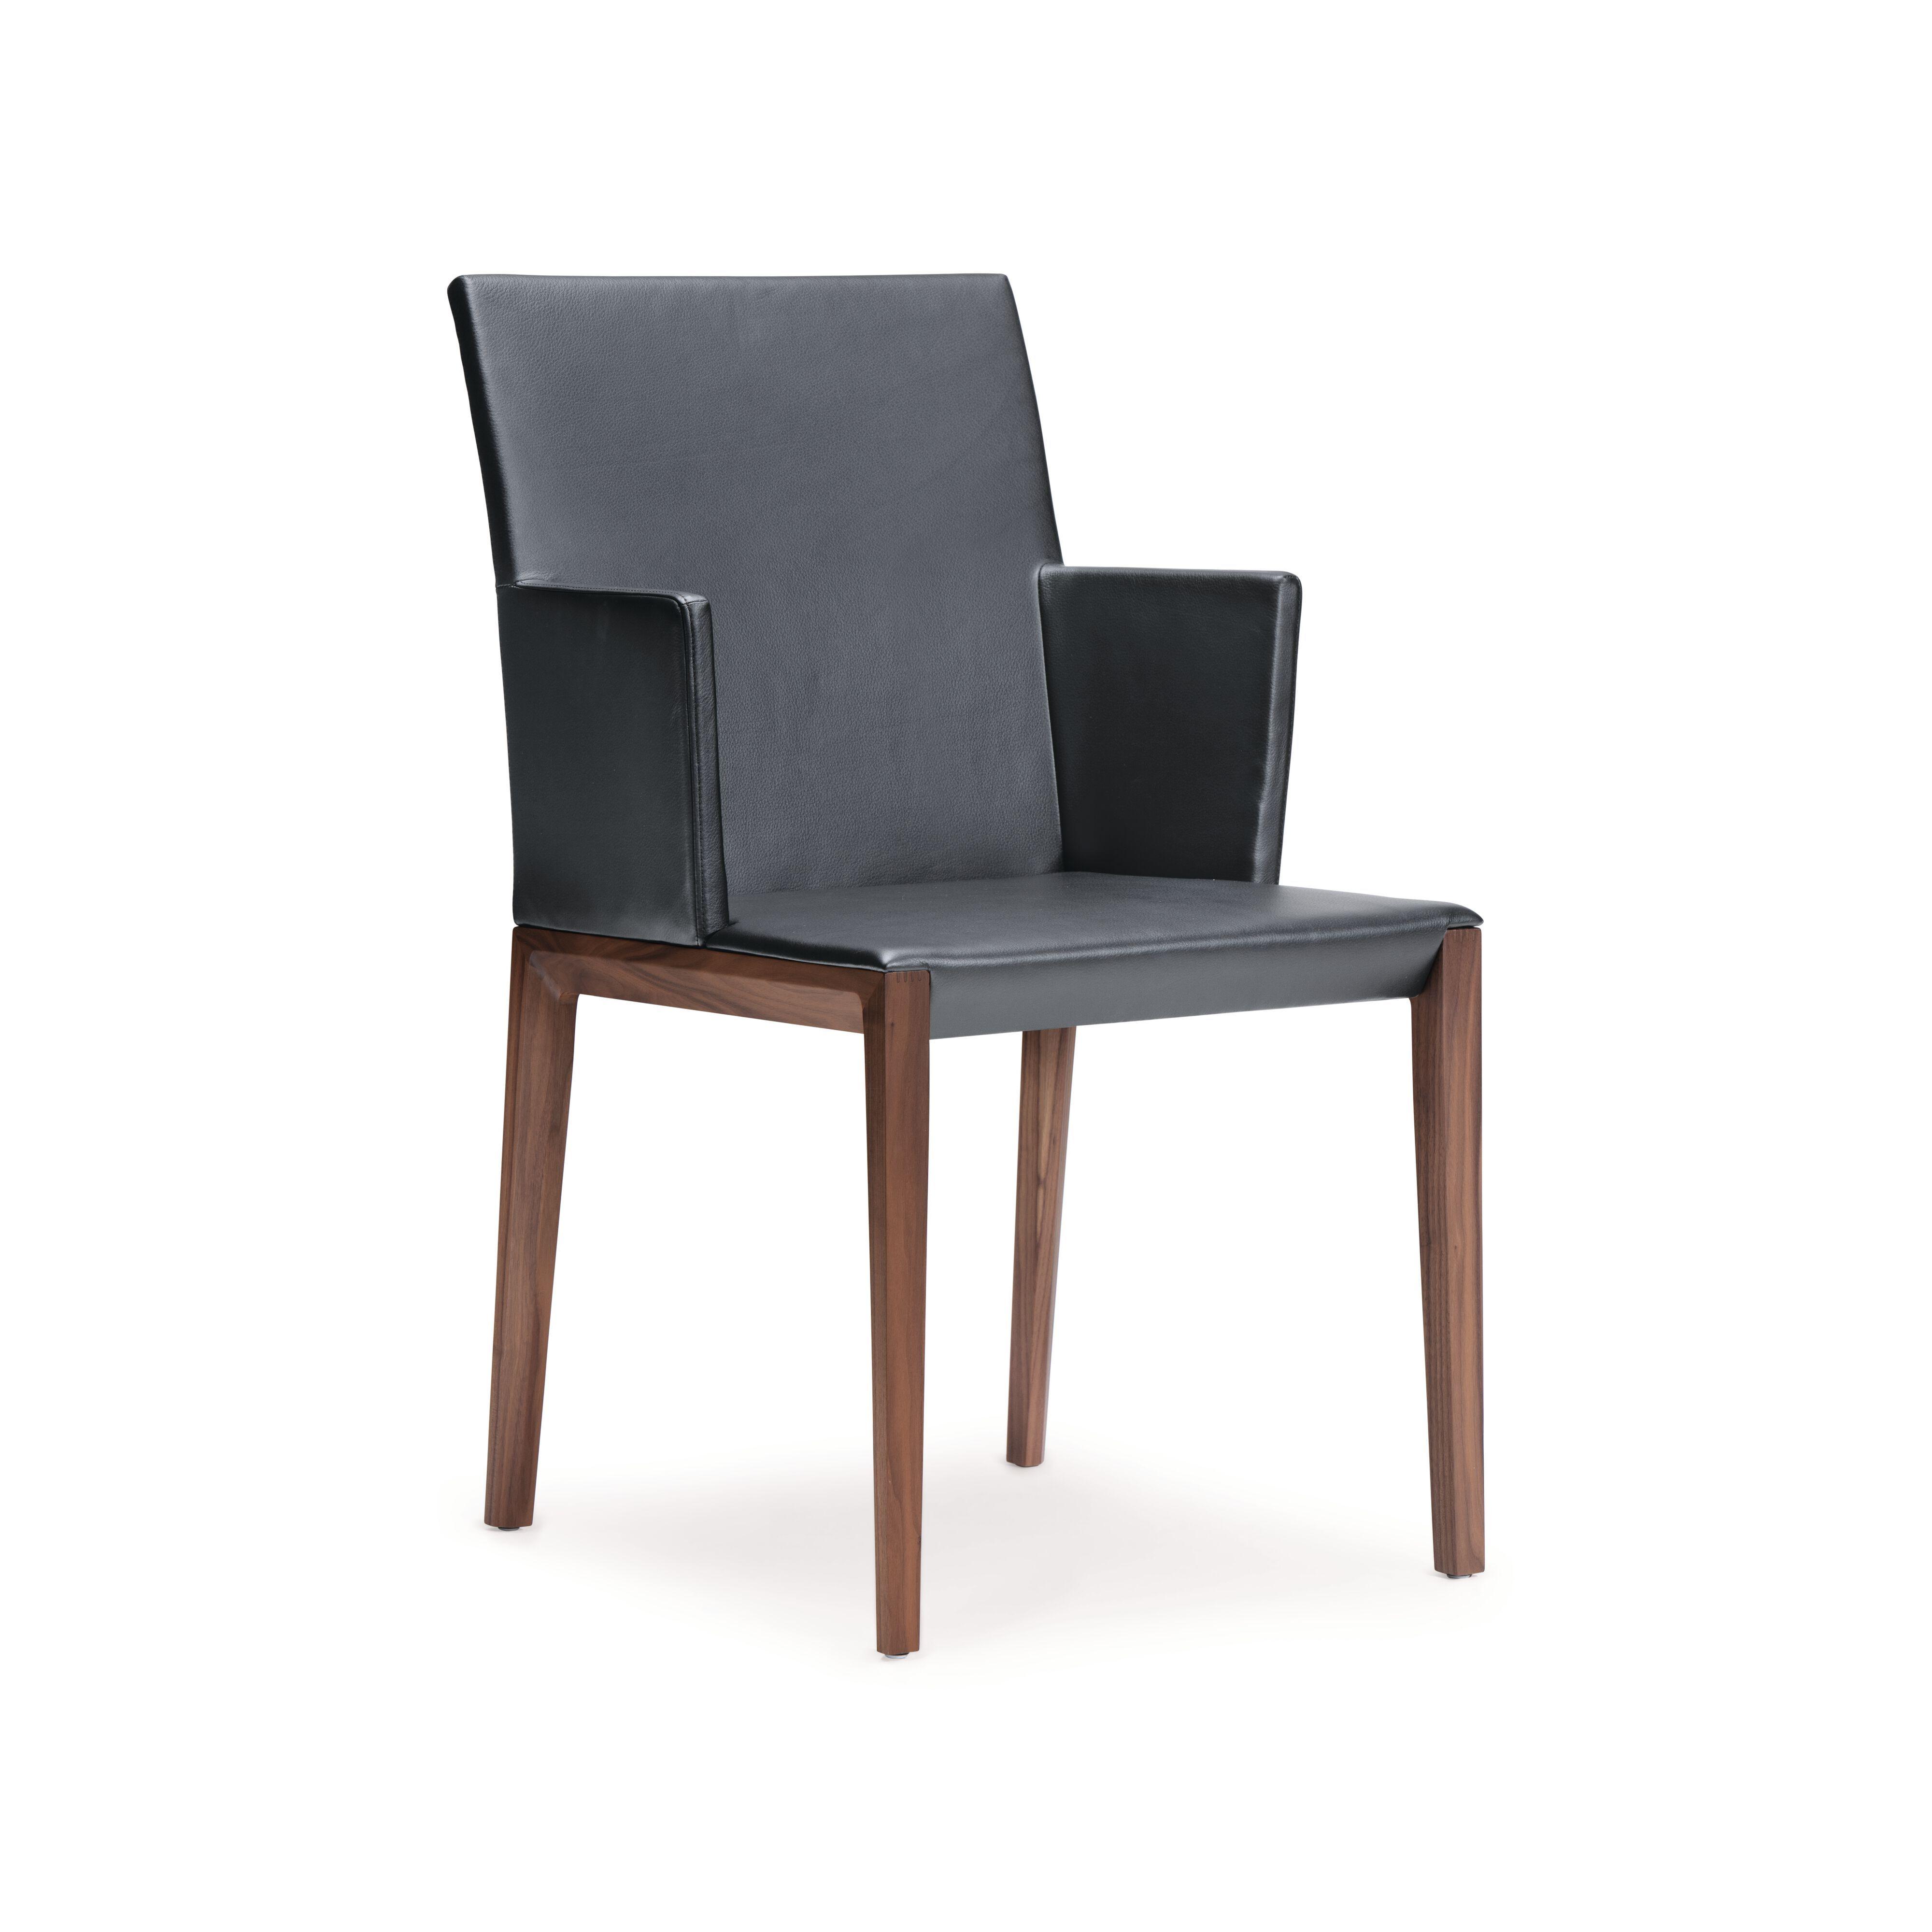 03_WK-Andoo_Chair-0009.tif